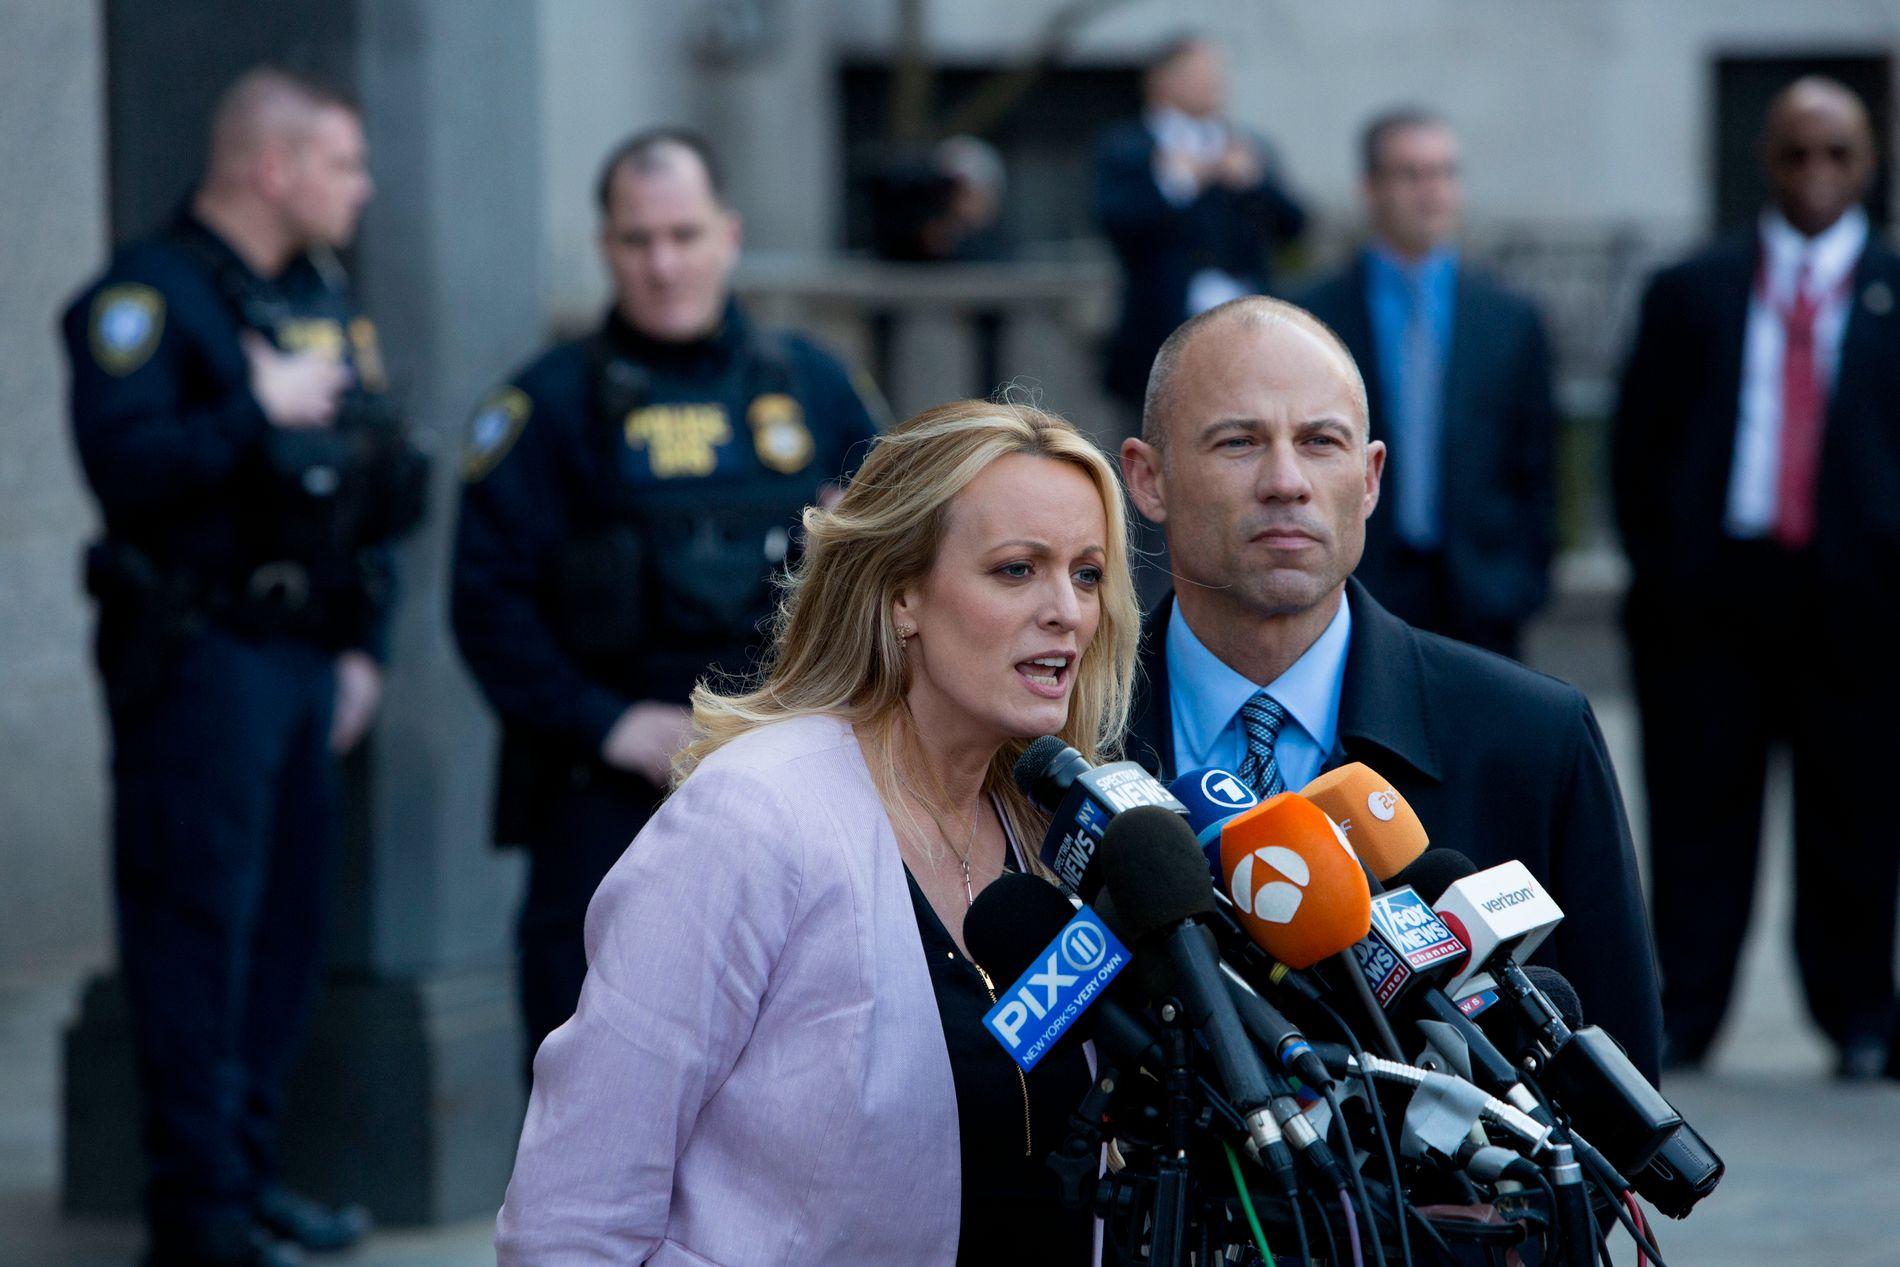 FIKK PENGER: Stormy Daniels (til venstre) sammen med sin advokat Michael Avenatti i New York i forbindelse med en rettshøring om razziaen mot Donald Trumps personlige advokat Michael Cohen.